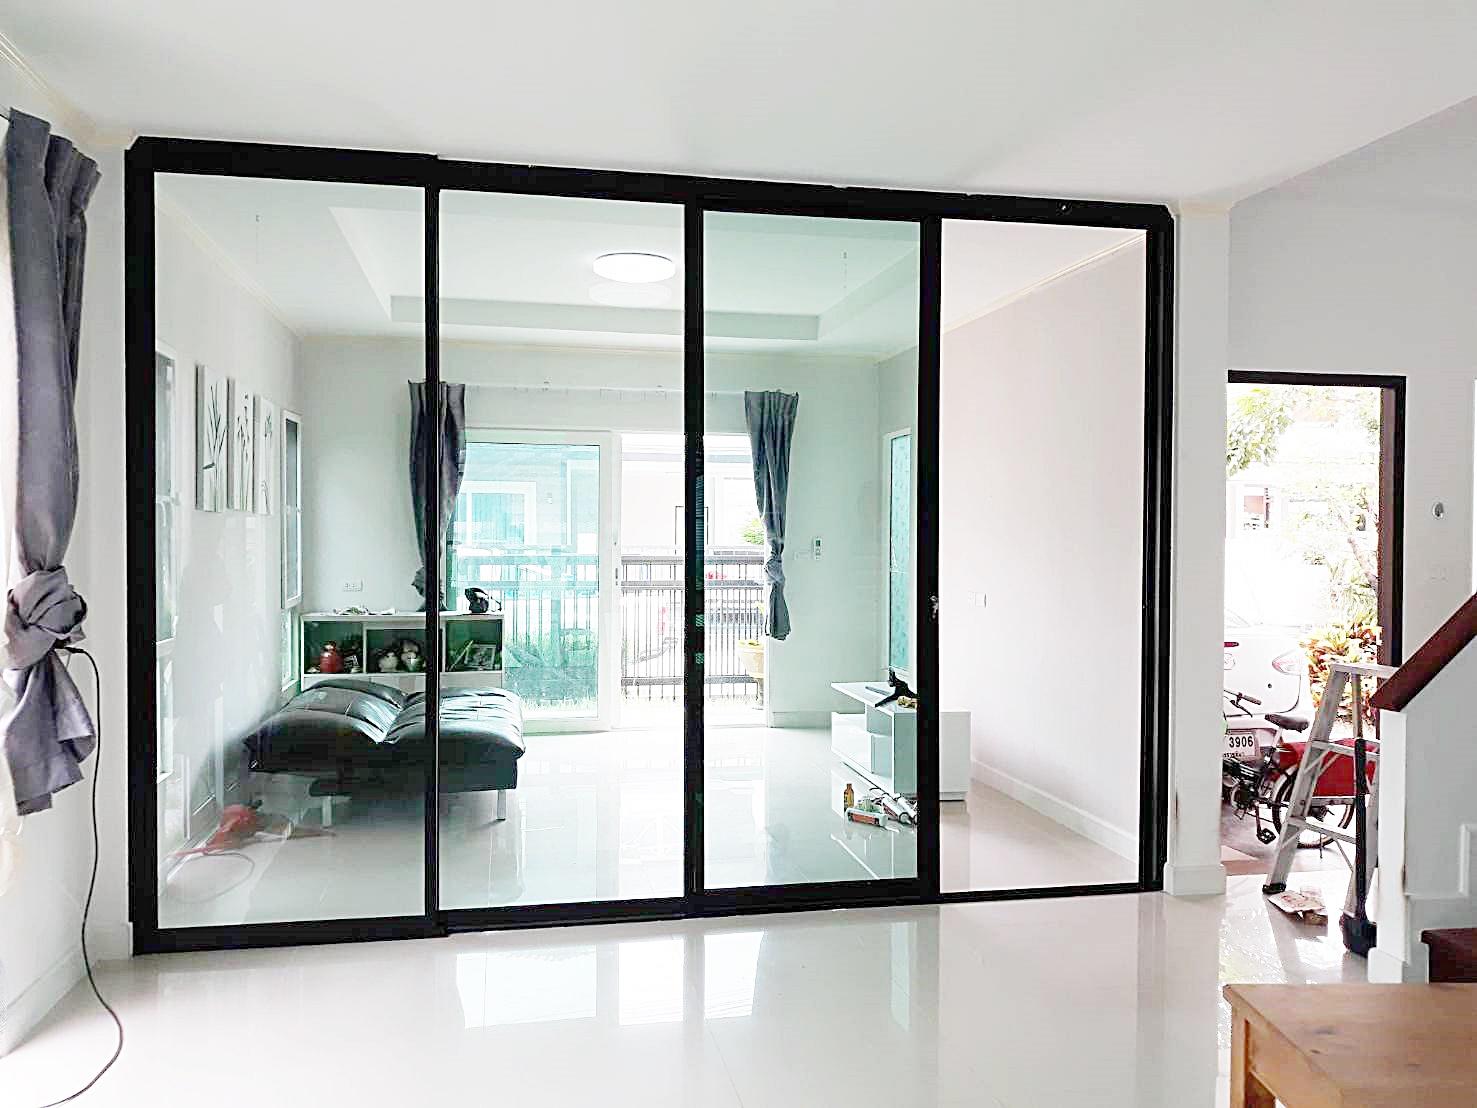 เลือก ประตูกระจกบานสวิง ดีไหม แตกร้าวง่ายหรือเปล่า?